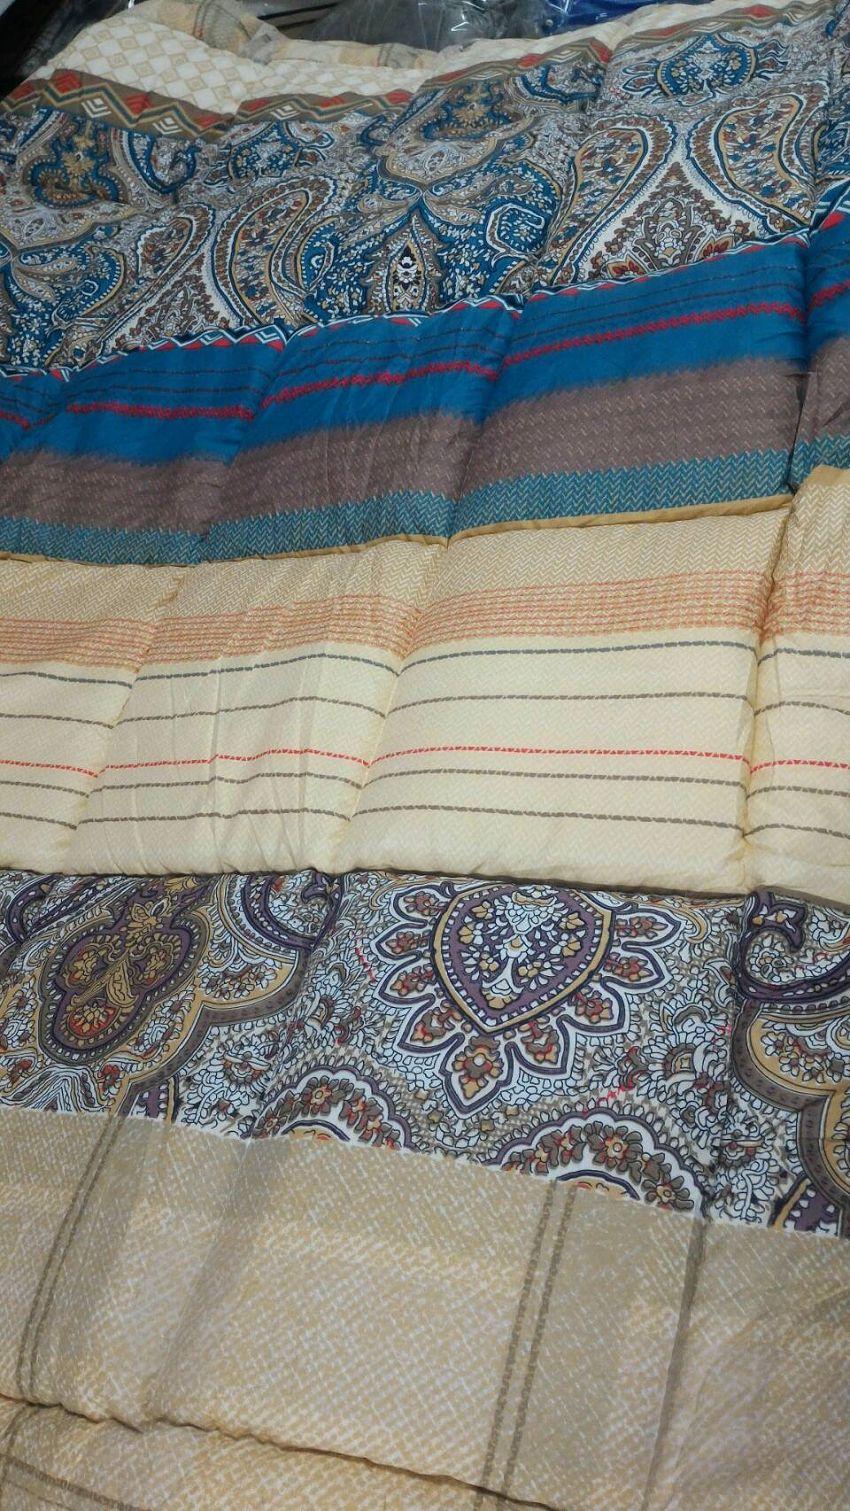 [床工坊](買一送一)-冬季限定版-珍珠絨暖暖被----不挑花售完為止 6